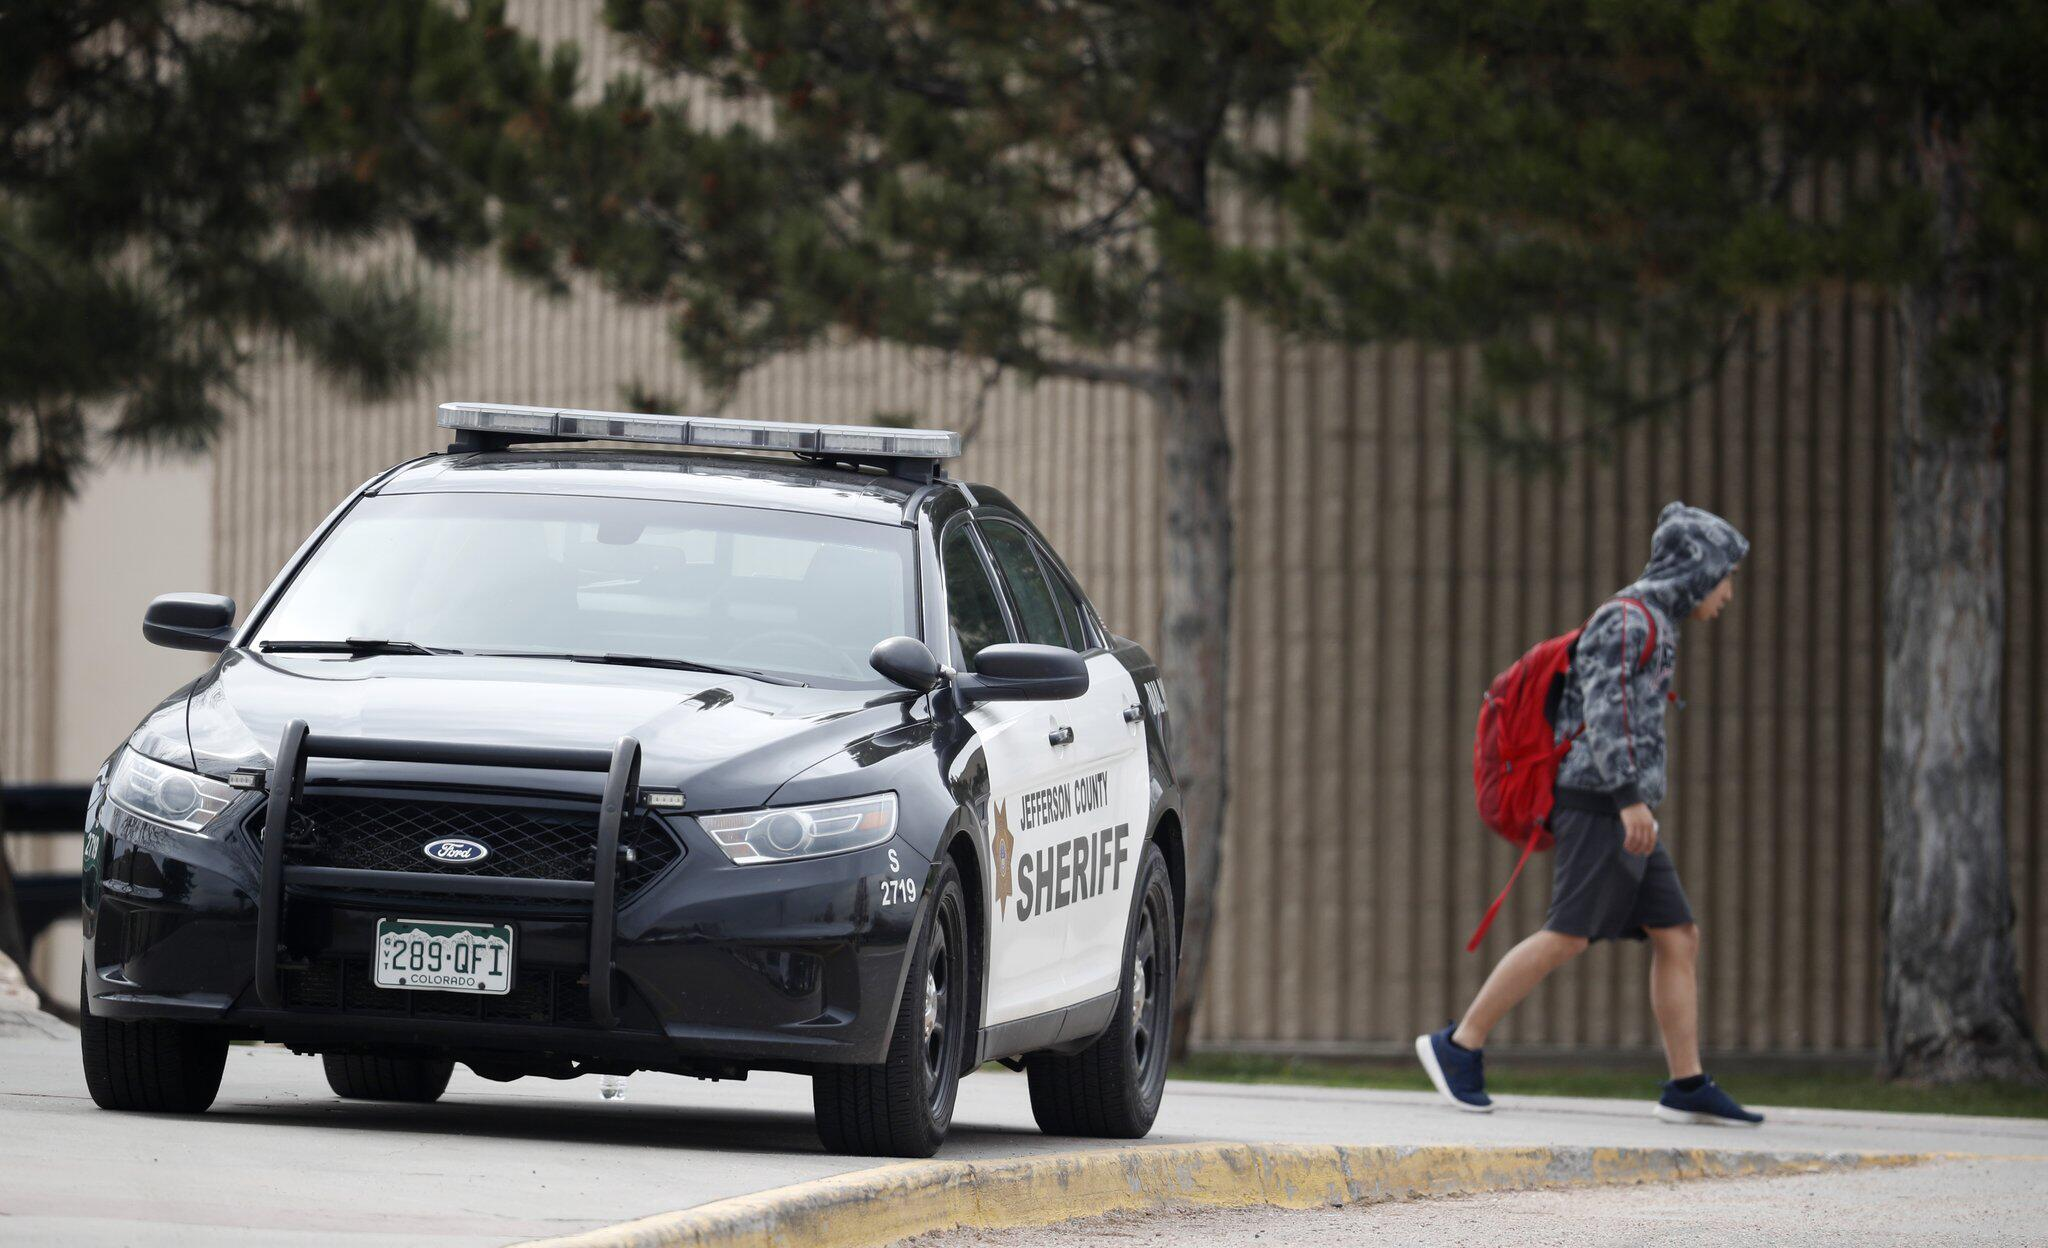 Bild zu Columbine Highschool